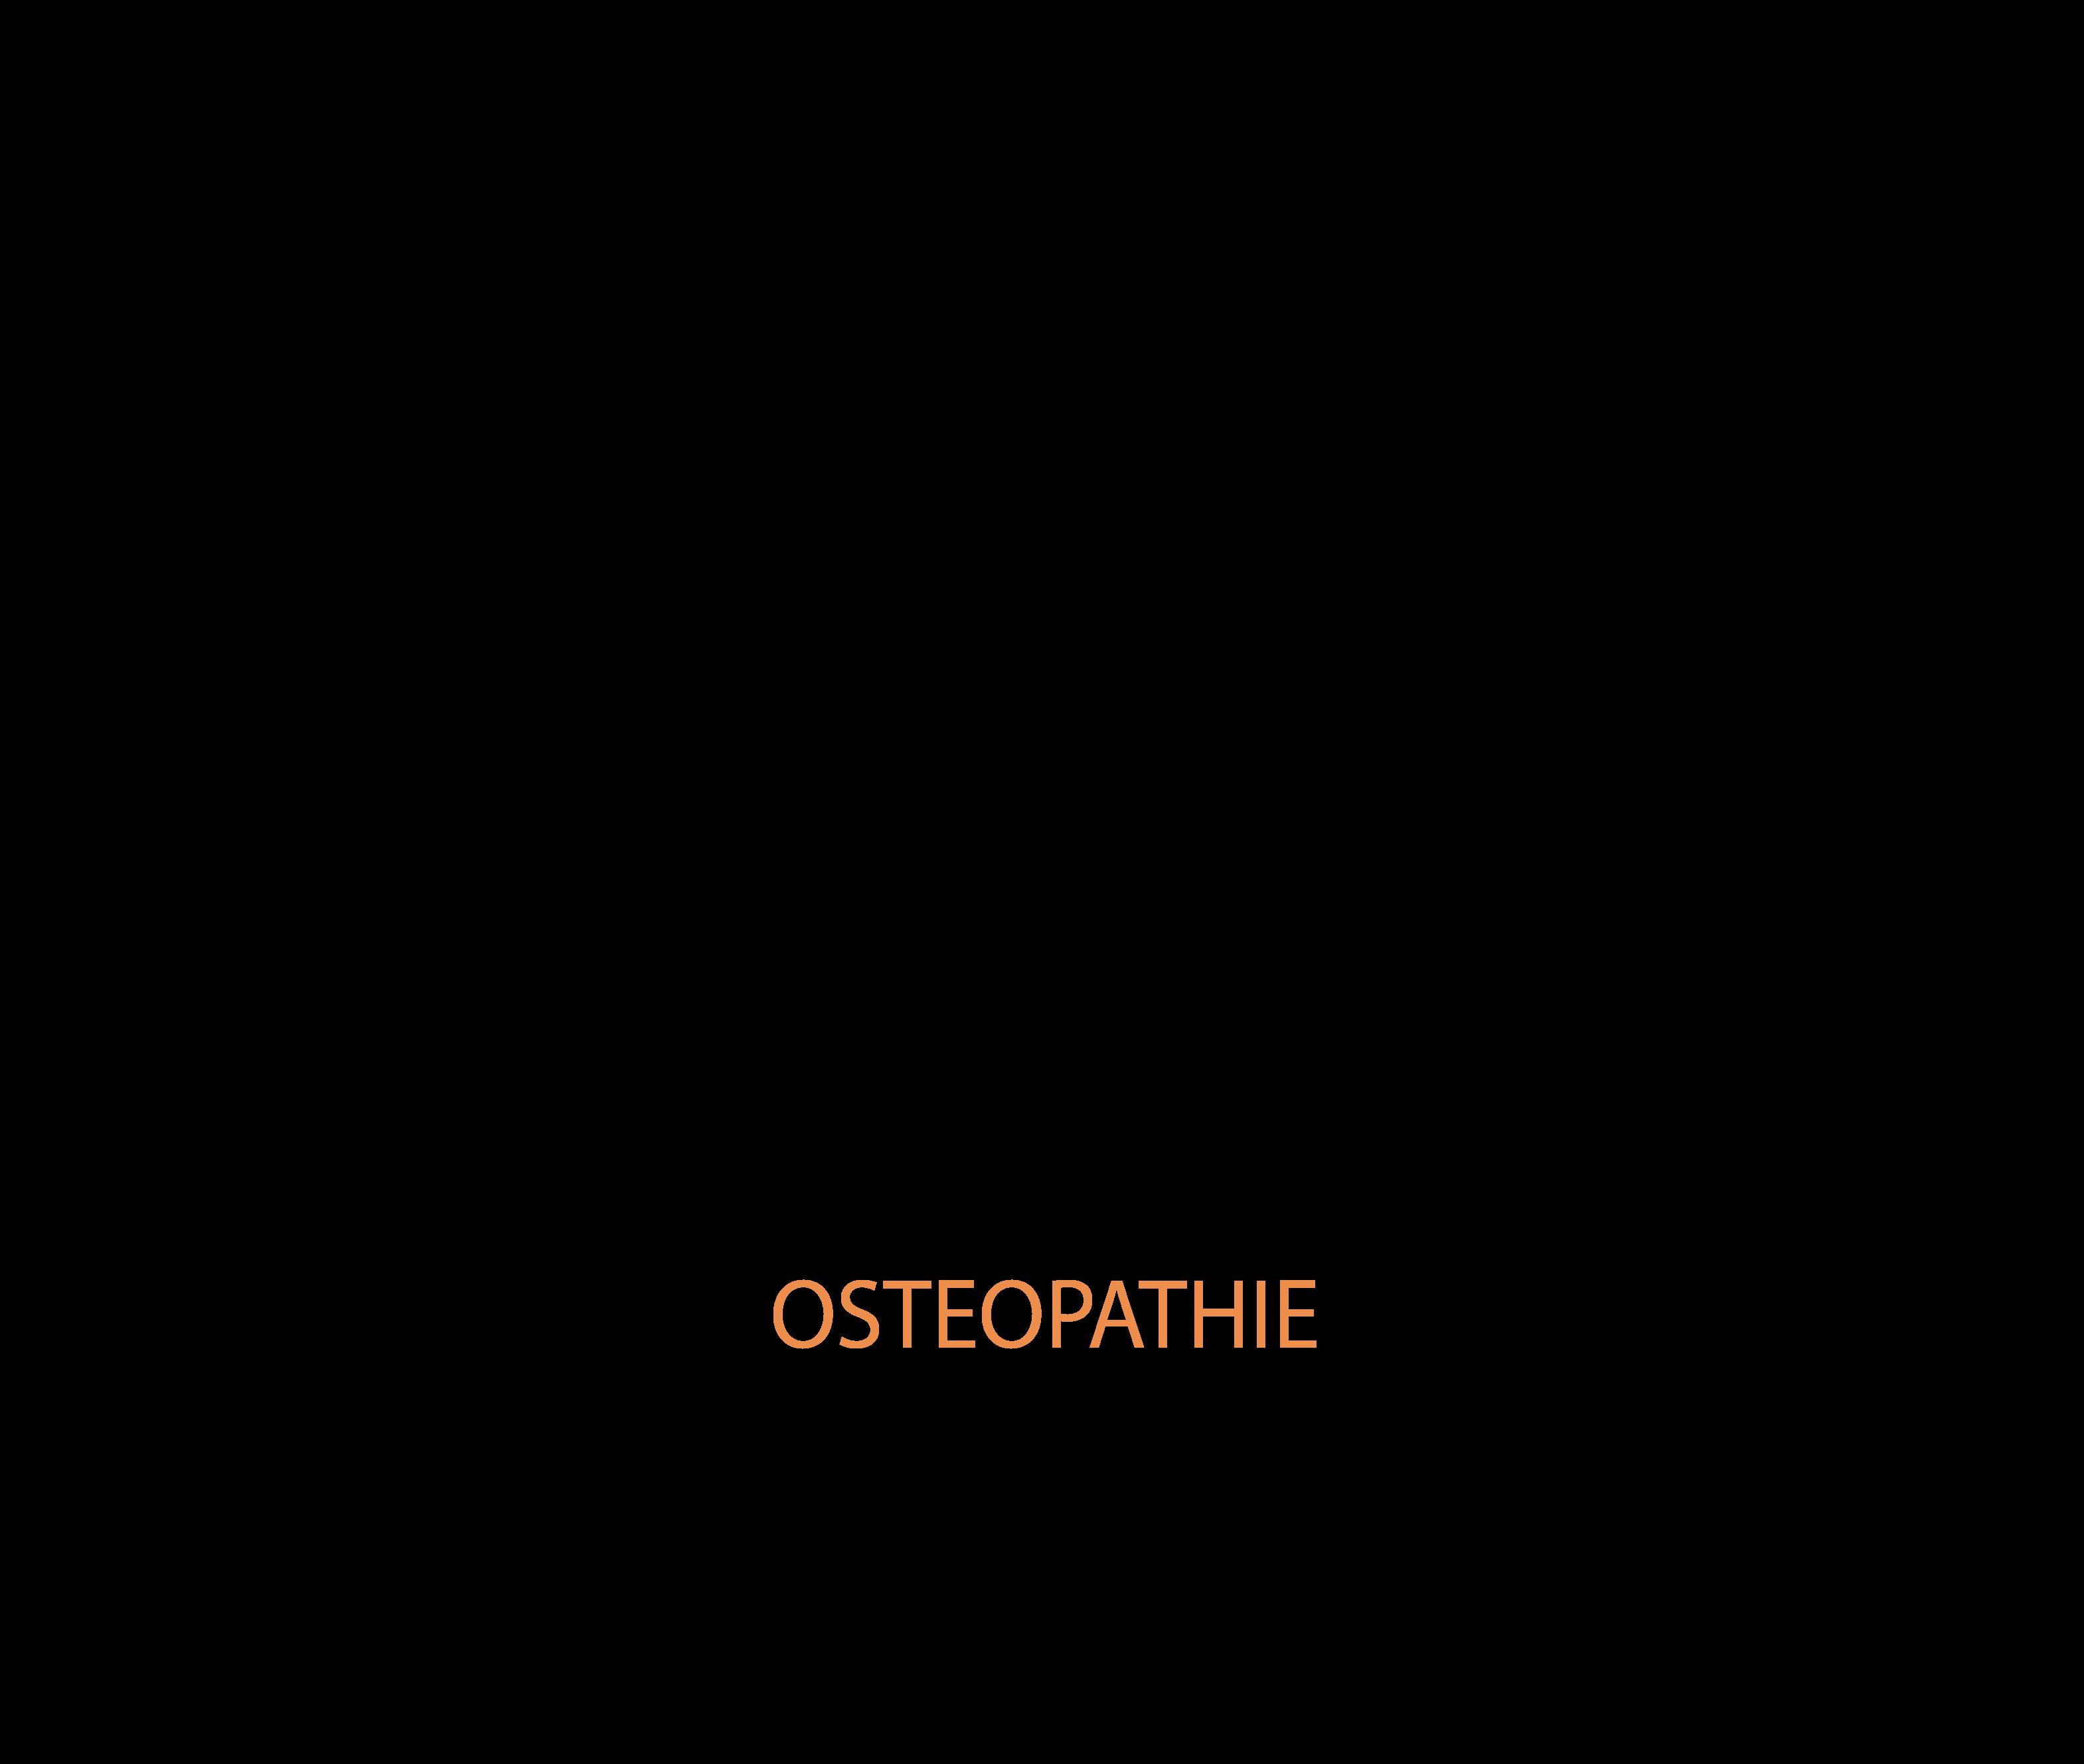 Osteopathin Würzburg – Martina Schwerd